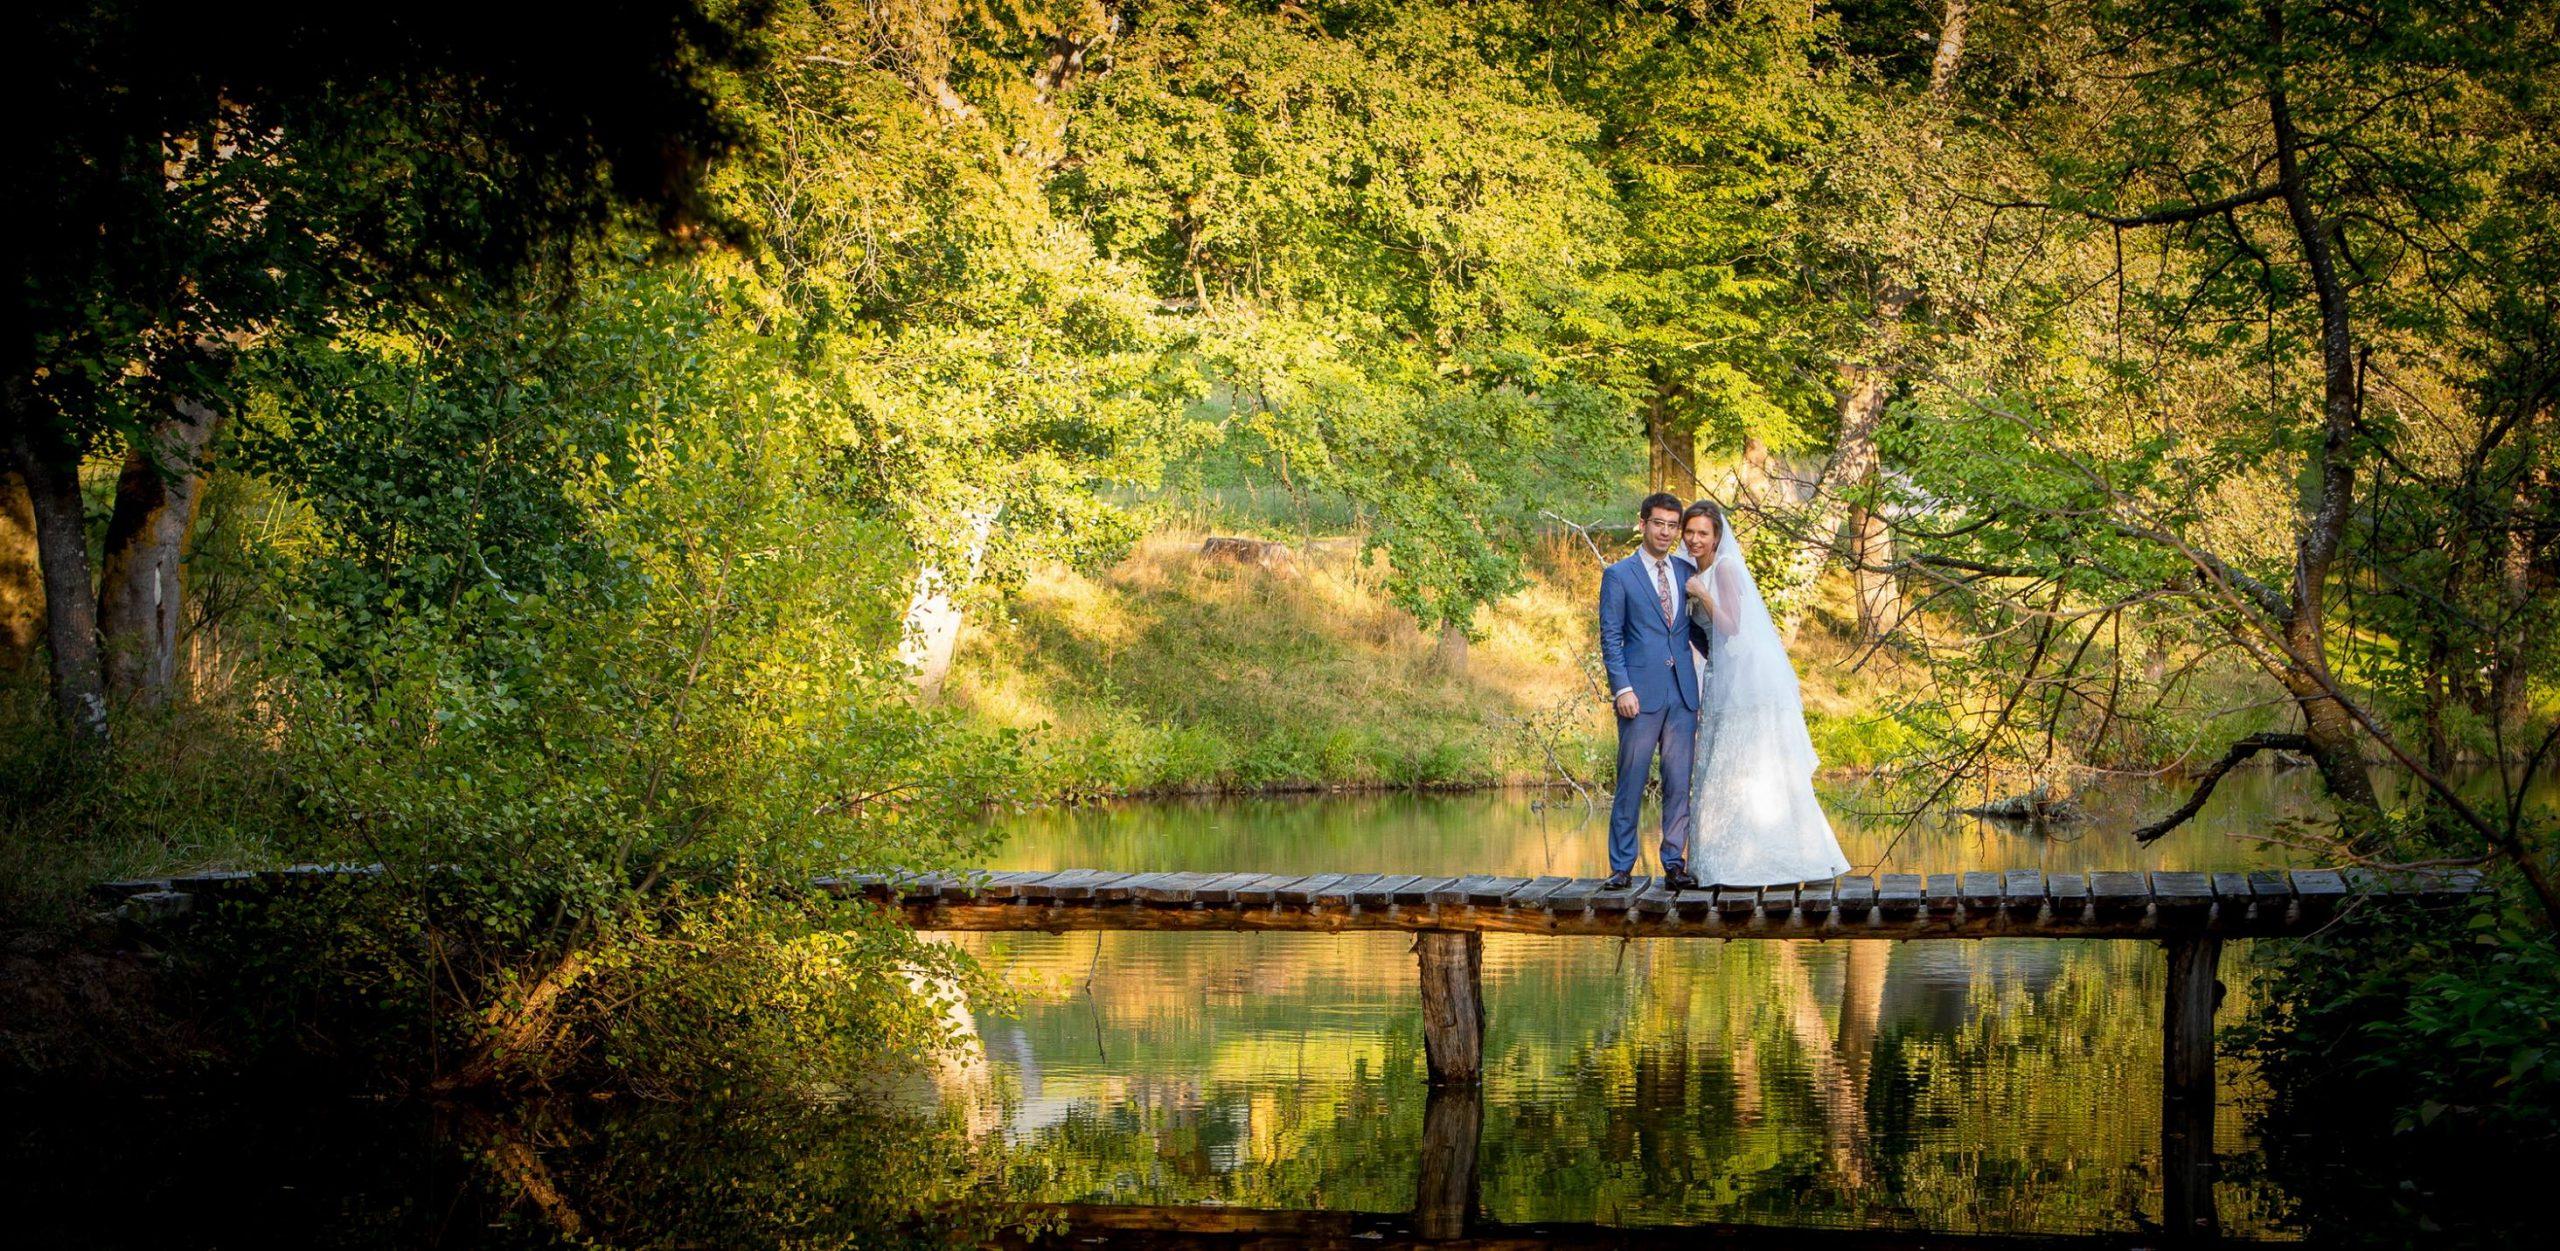 În 2016, Petru s-a căsătorit cu Simona, o brașoveancă superbă